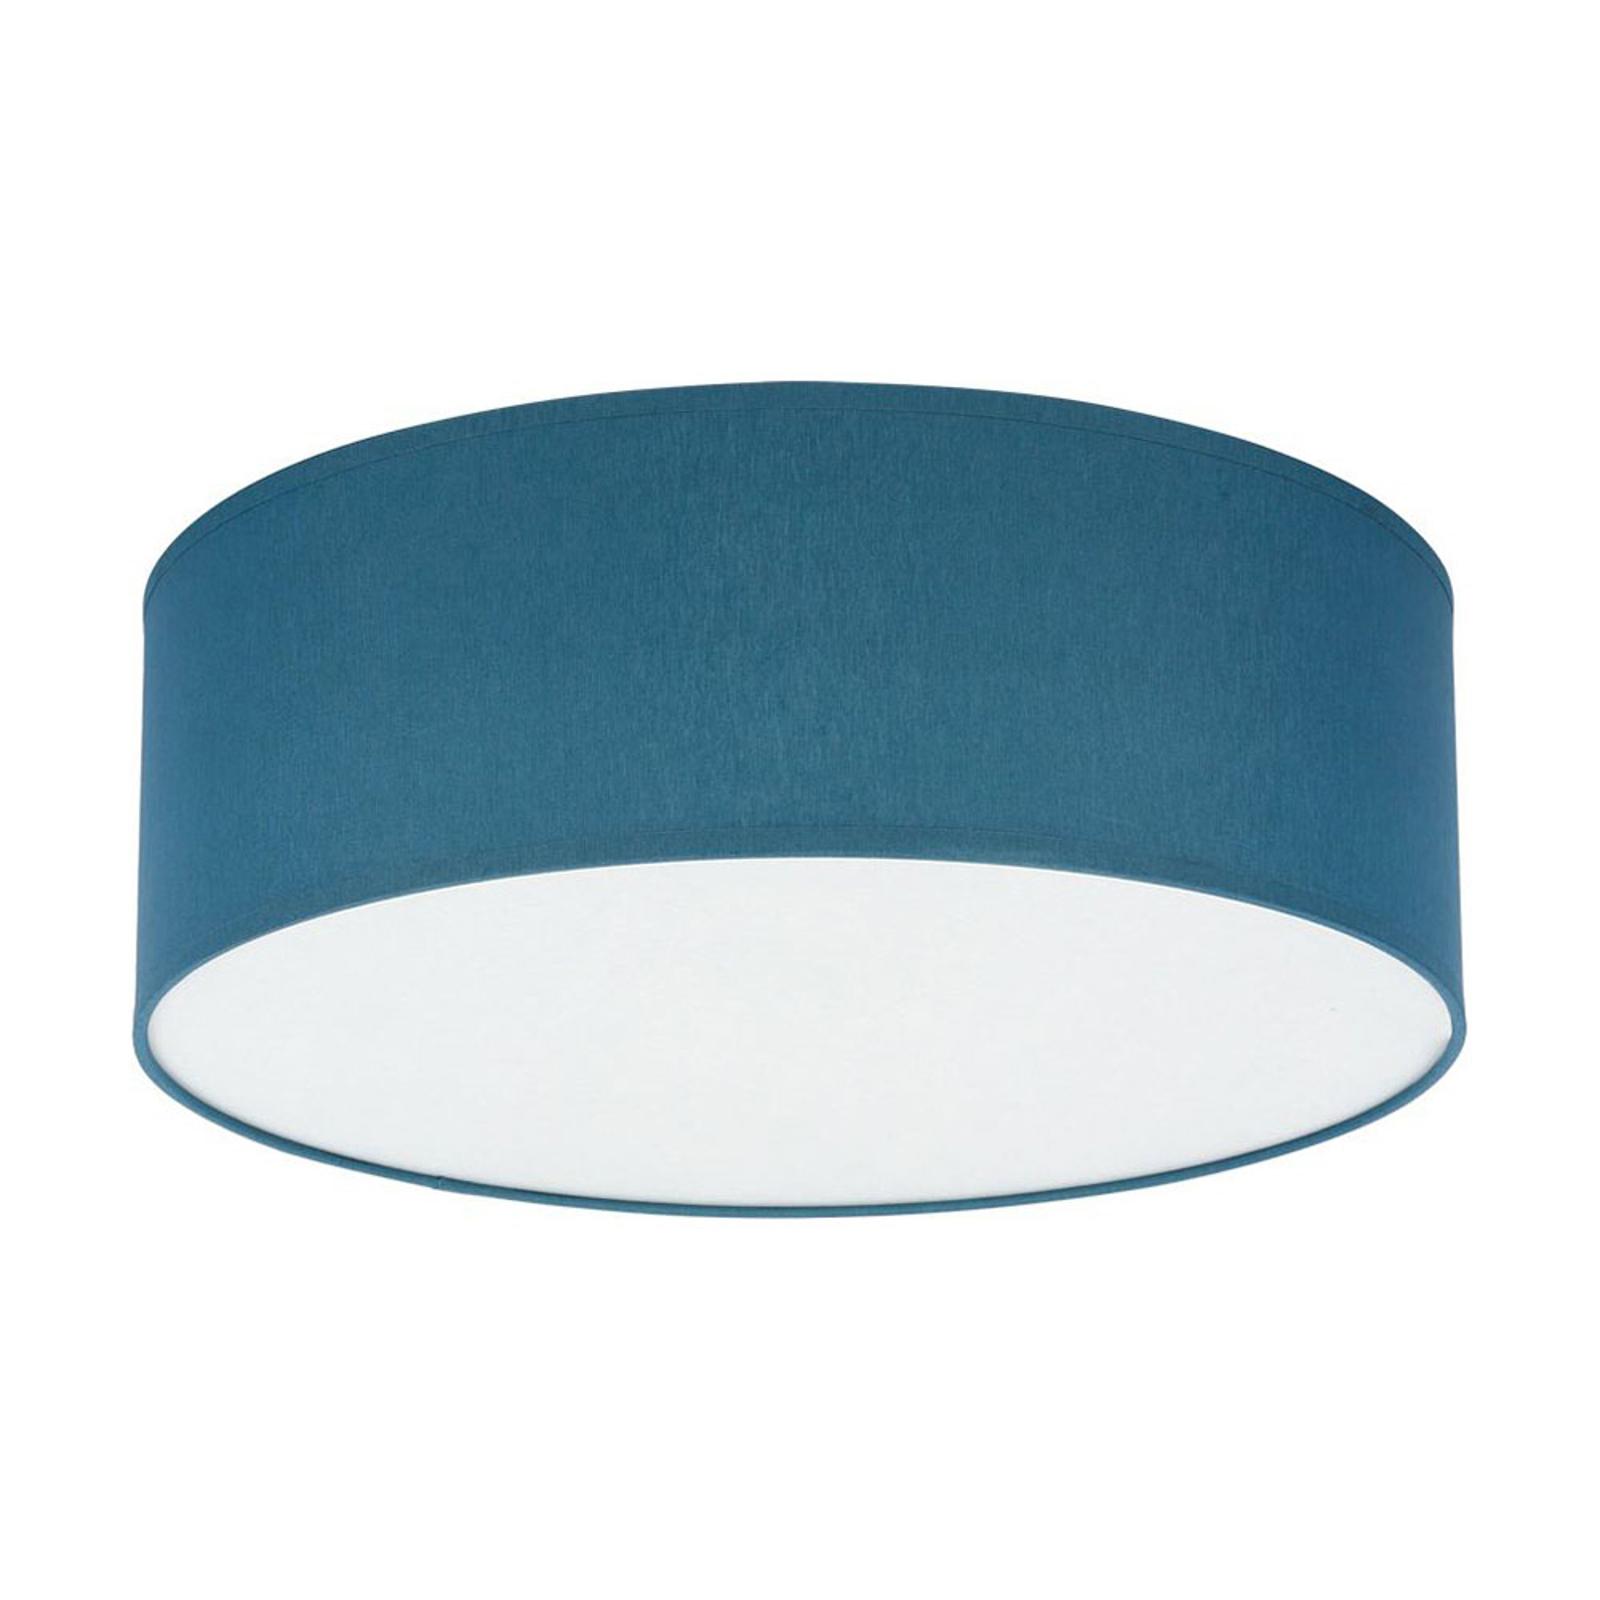 Deckenleuchte Rondo, blau, Ø 38 cm